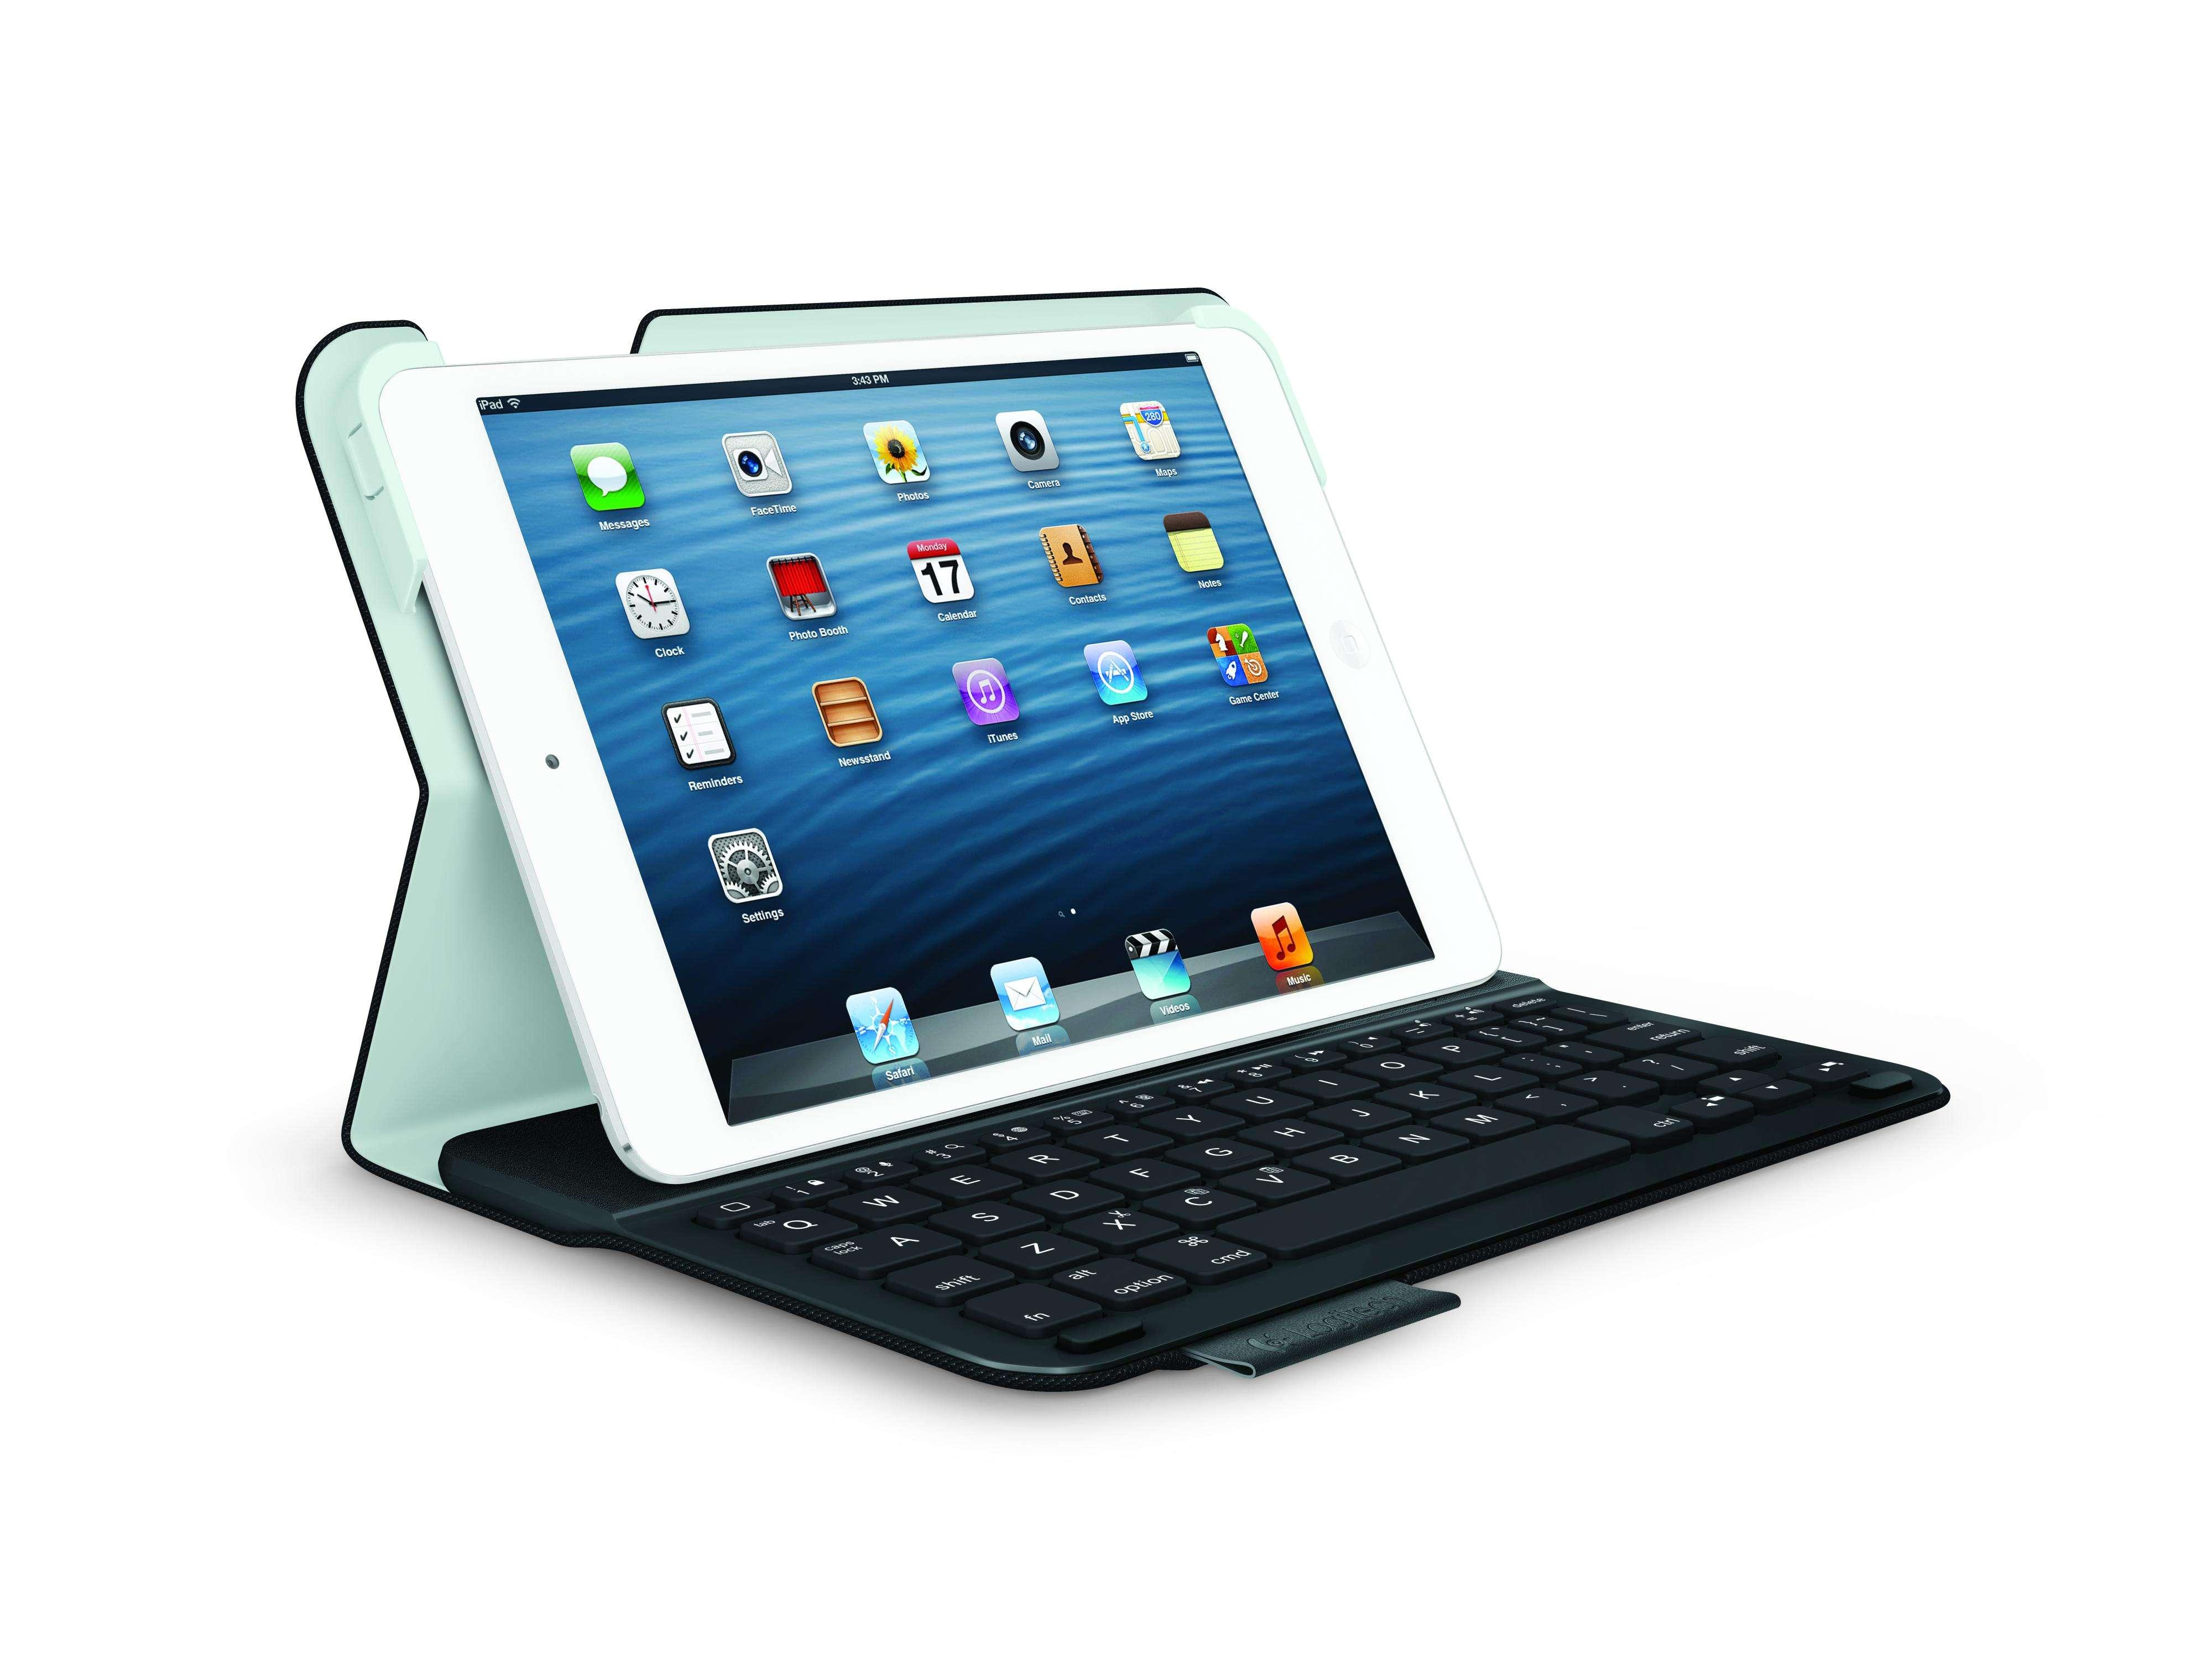 Disponível nas cores preto, vermelho, cinza e azul, o teclado Ultrathin Folio para iPad cobre as partes dianteira e traseira do tablet Foto: Divulgação